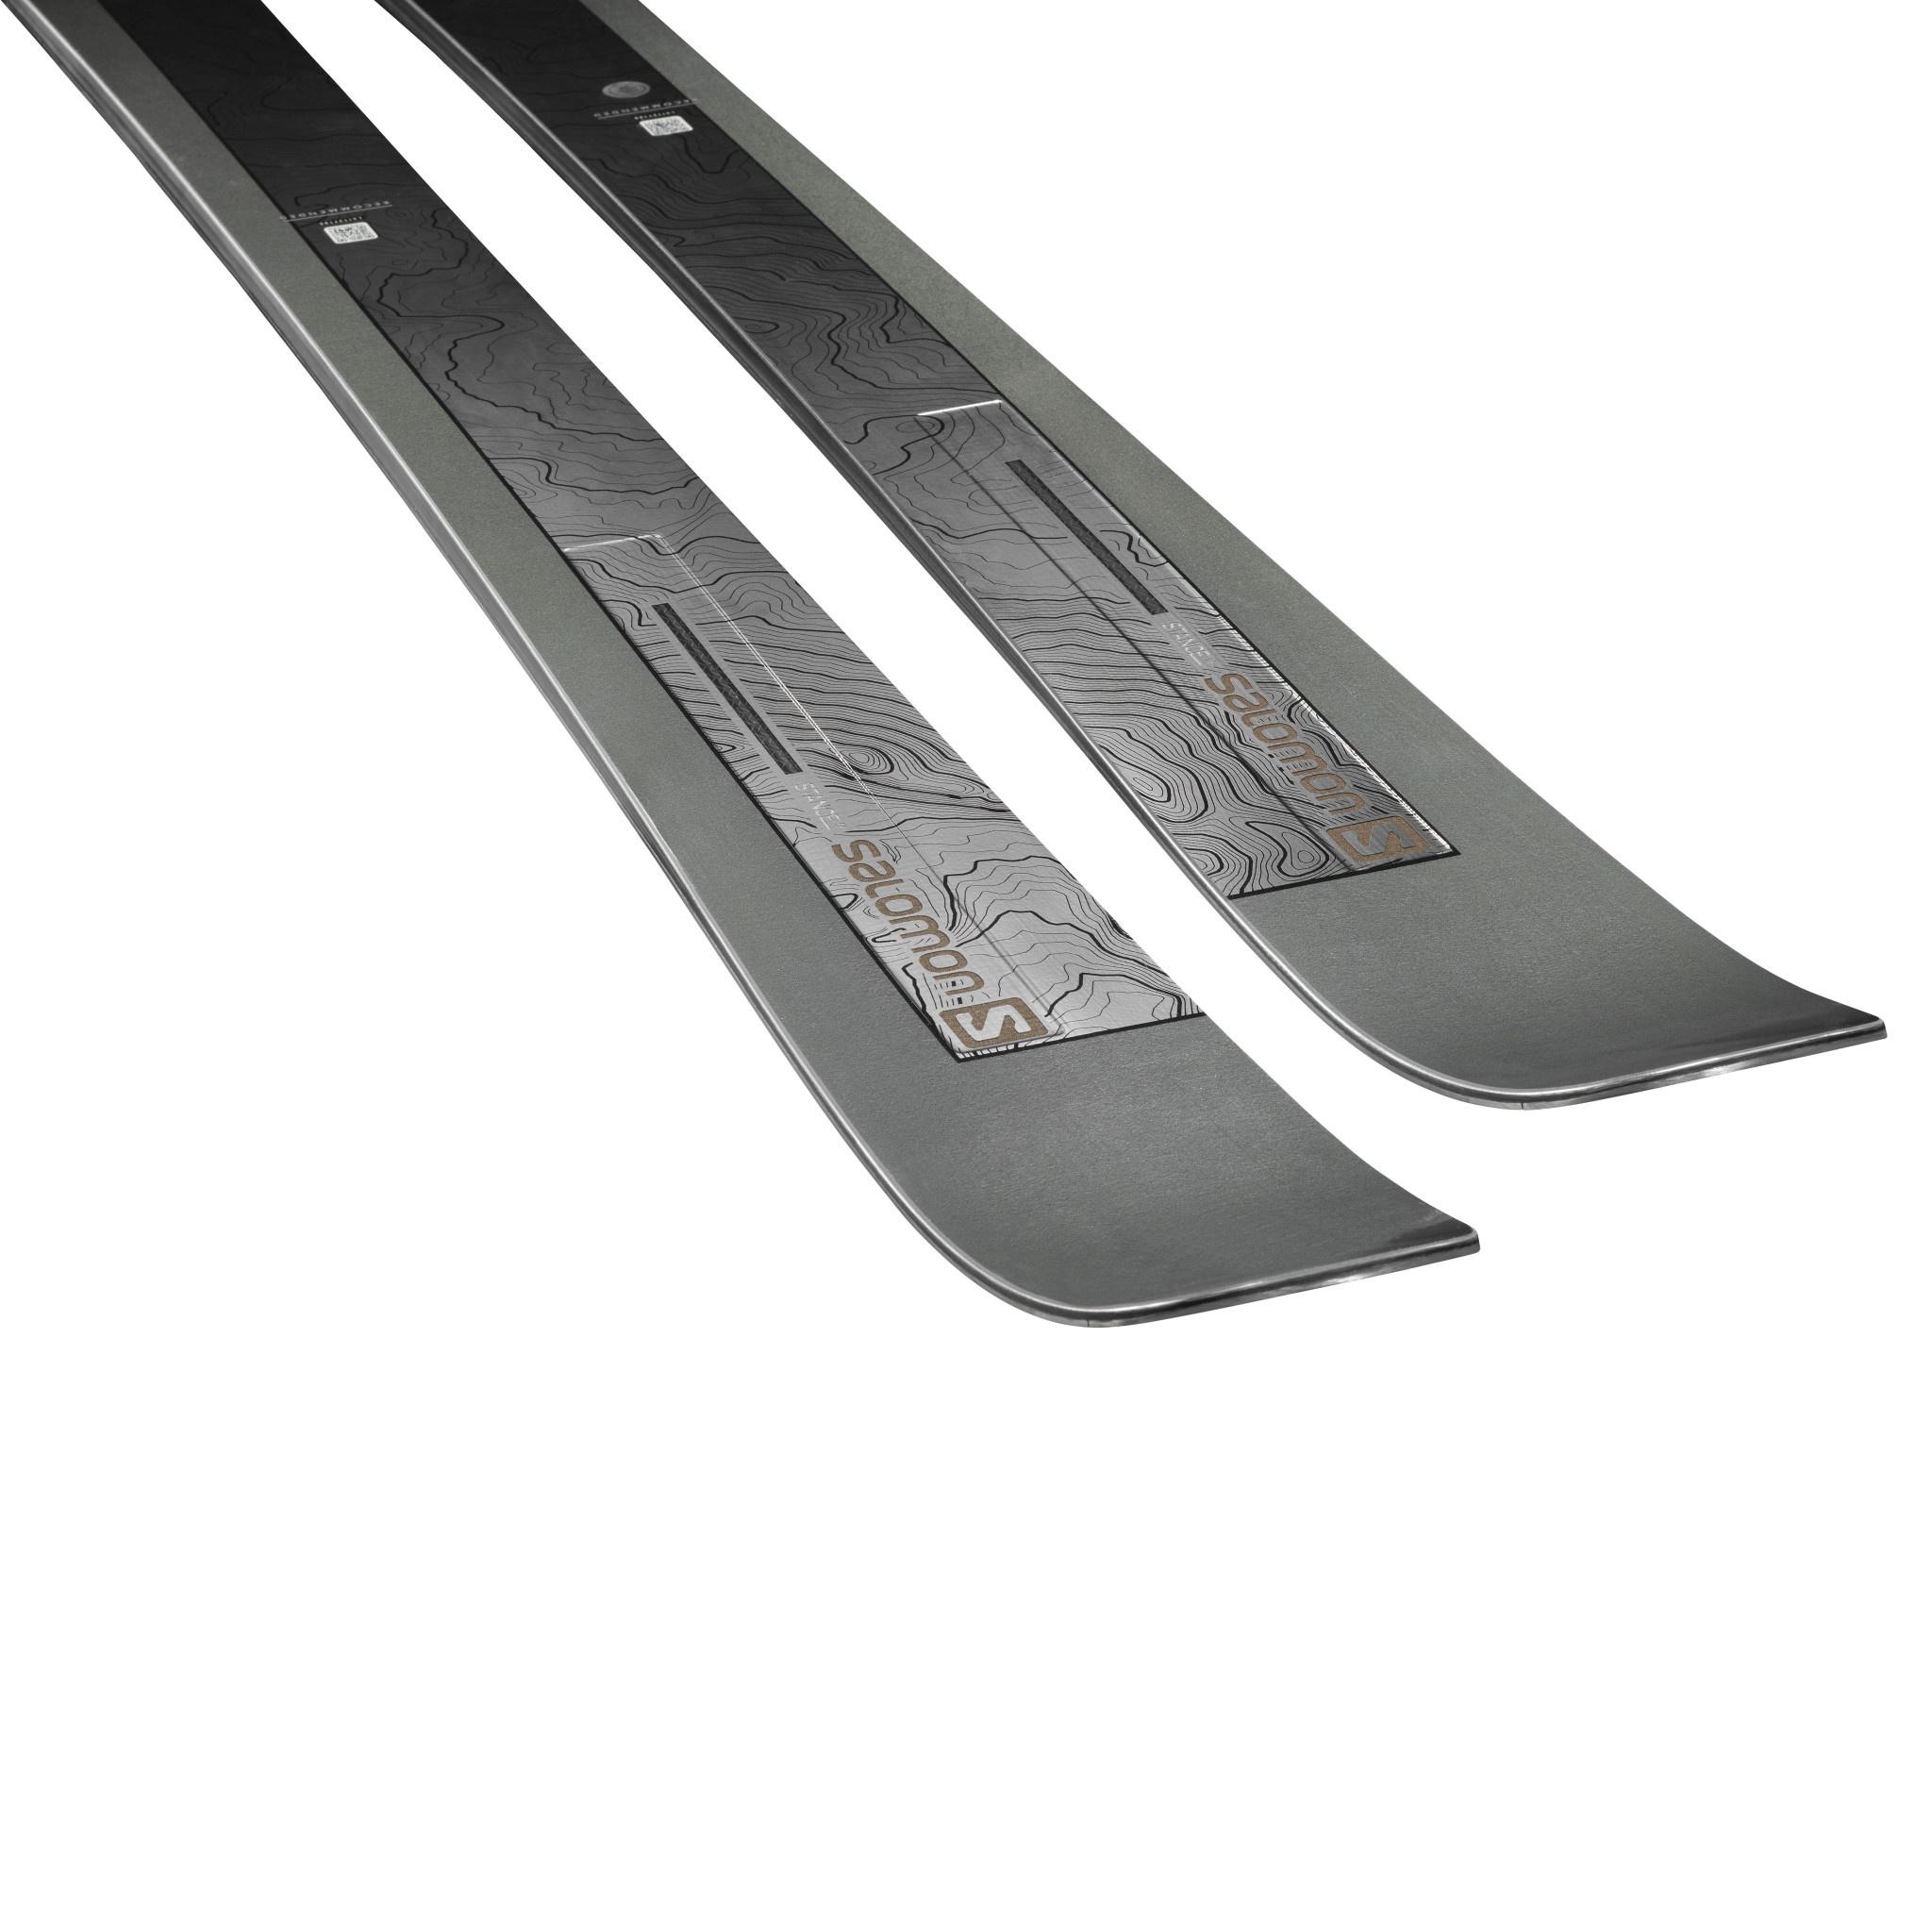 SALOMON Salomon Men's Stance 96 Ski (2021)